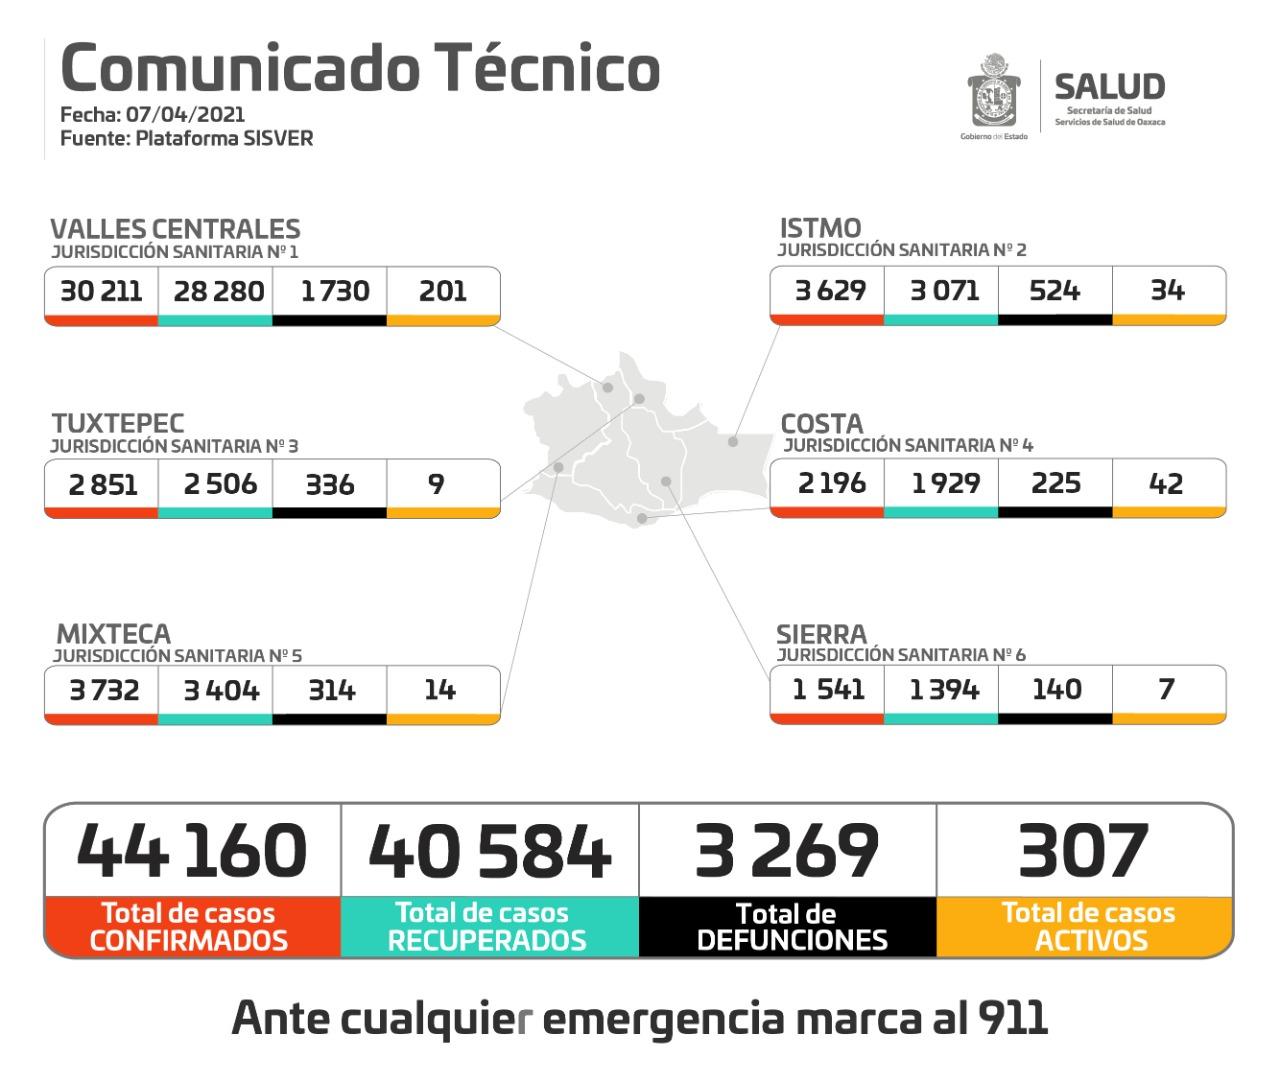 Registran 307 casos activos de Covid-19 y 14 nuevos hospitalizados en Oaxaca